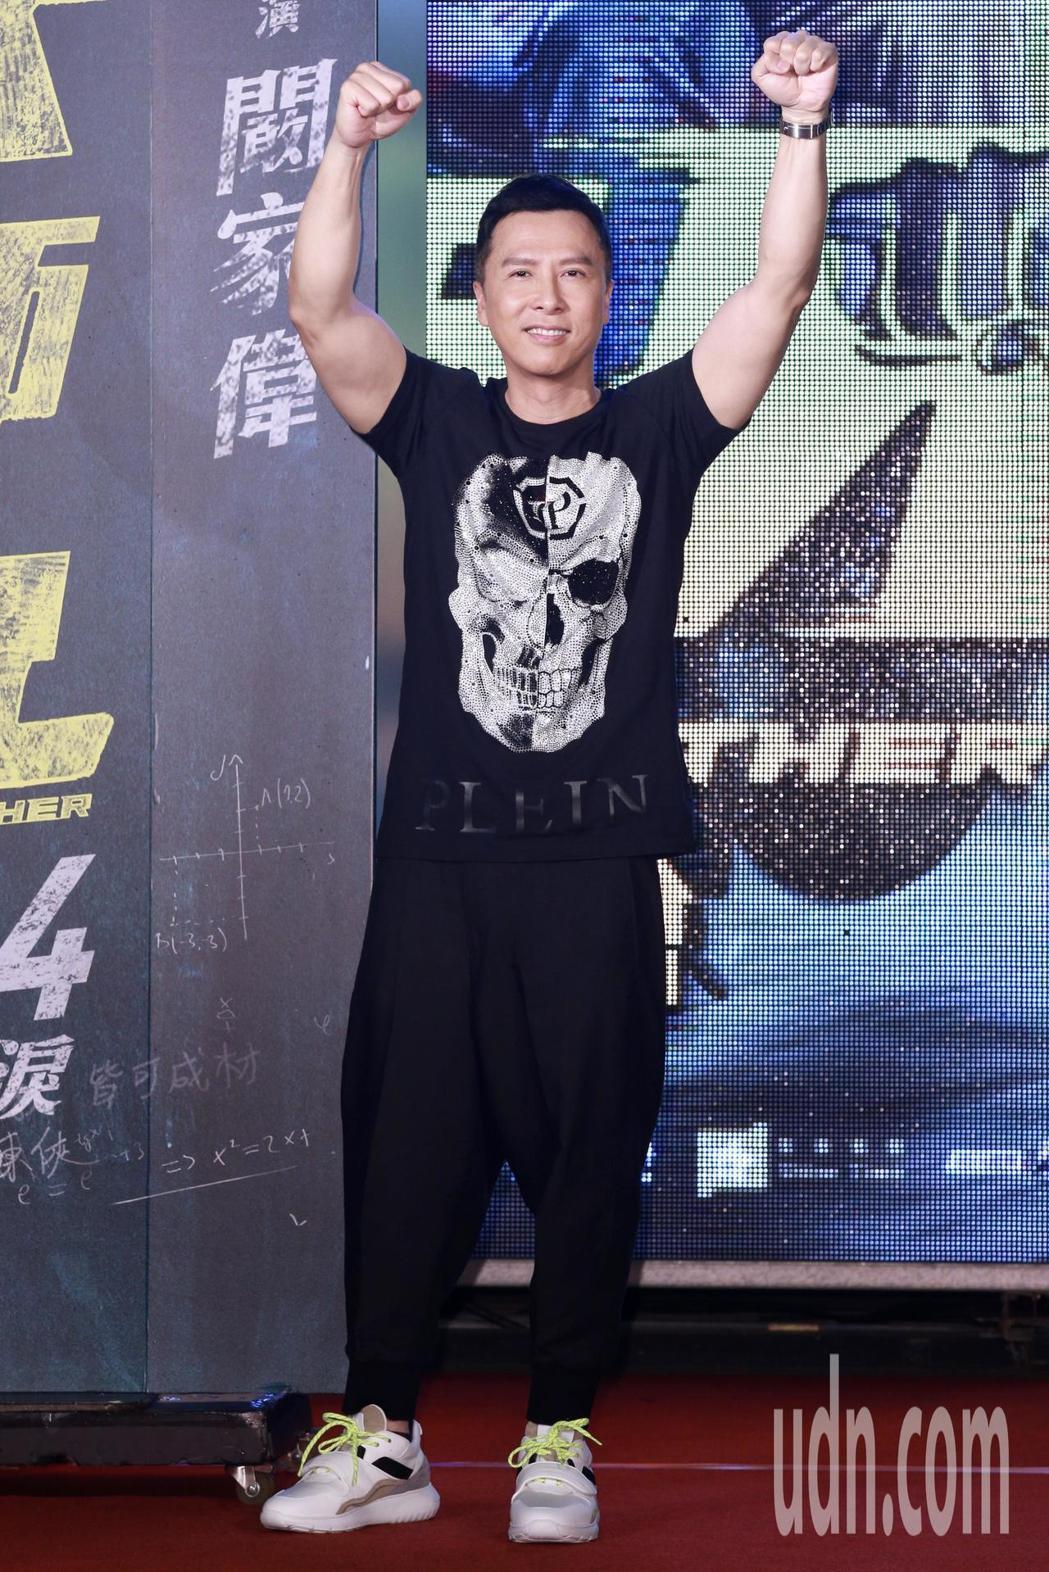 甄子丹晚上出席電影「大師兄」在西門町舉行的紅毯首映。記者林伯東/攝影